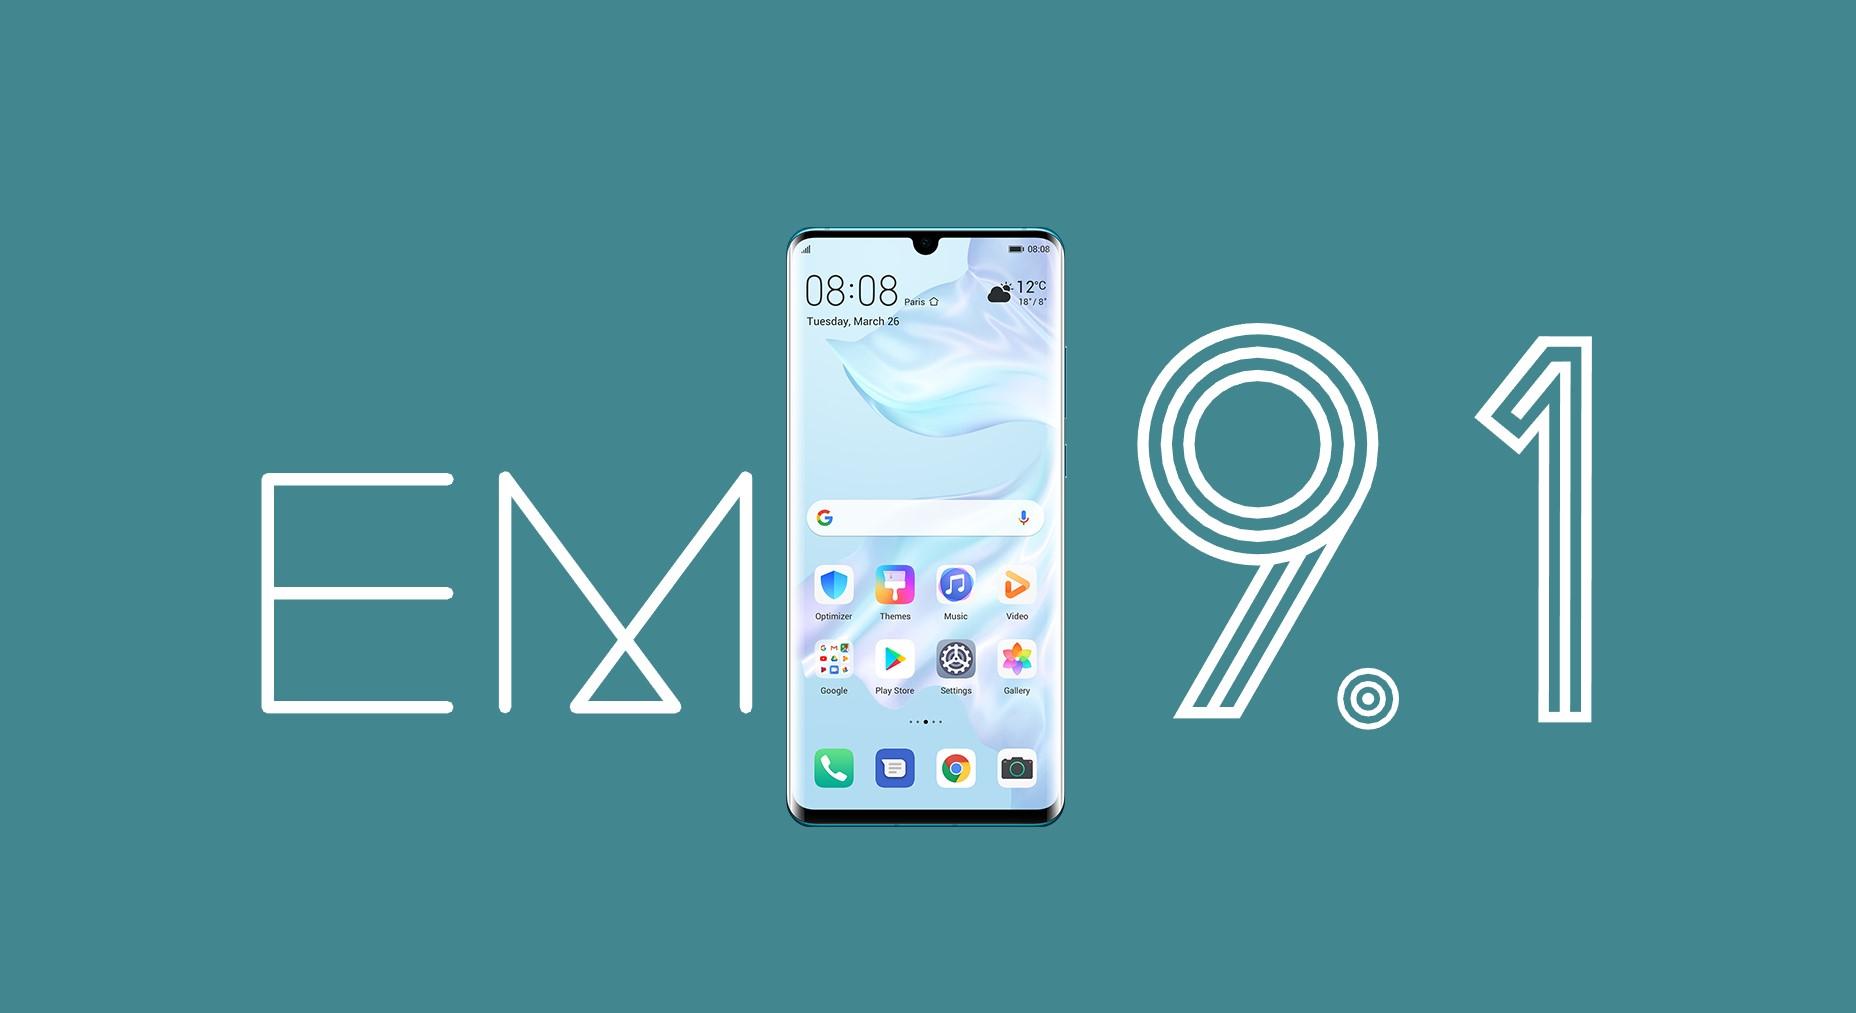 Nadstavba Huawei EMUI má takřka půl miliardy aktivních uživatelů